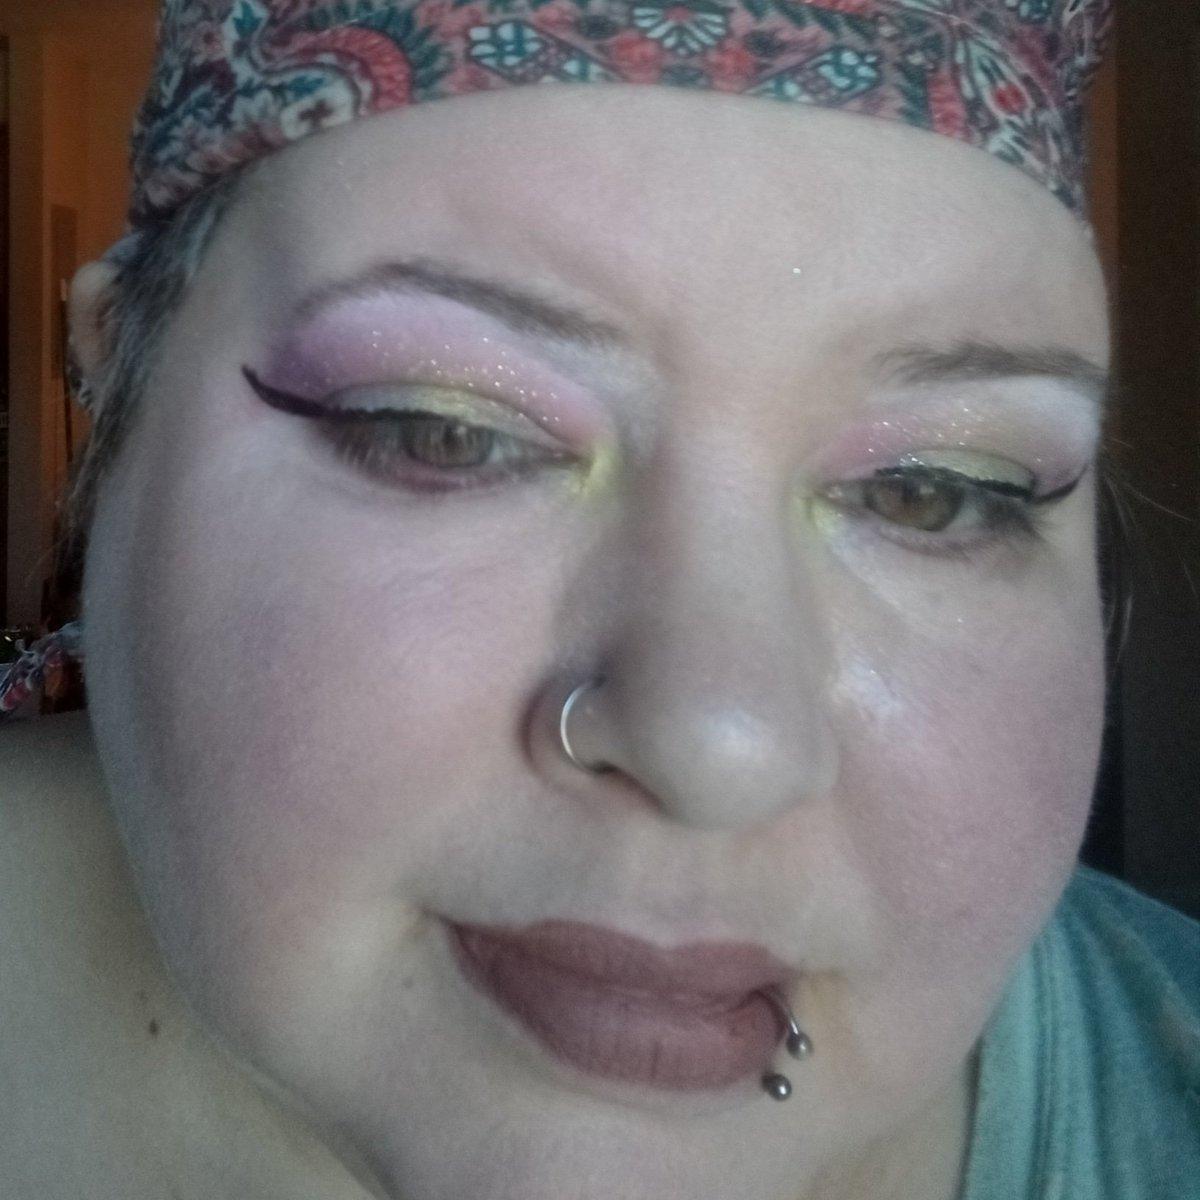 Makeup look today. #hellokittyxcolourpop #colourpop #urbandecay #NYX #femmemakeup #queermakeup #nonbinary #femme